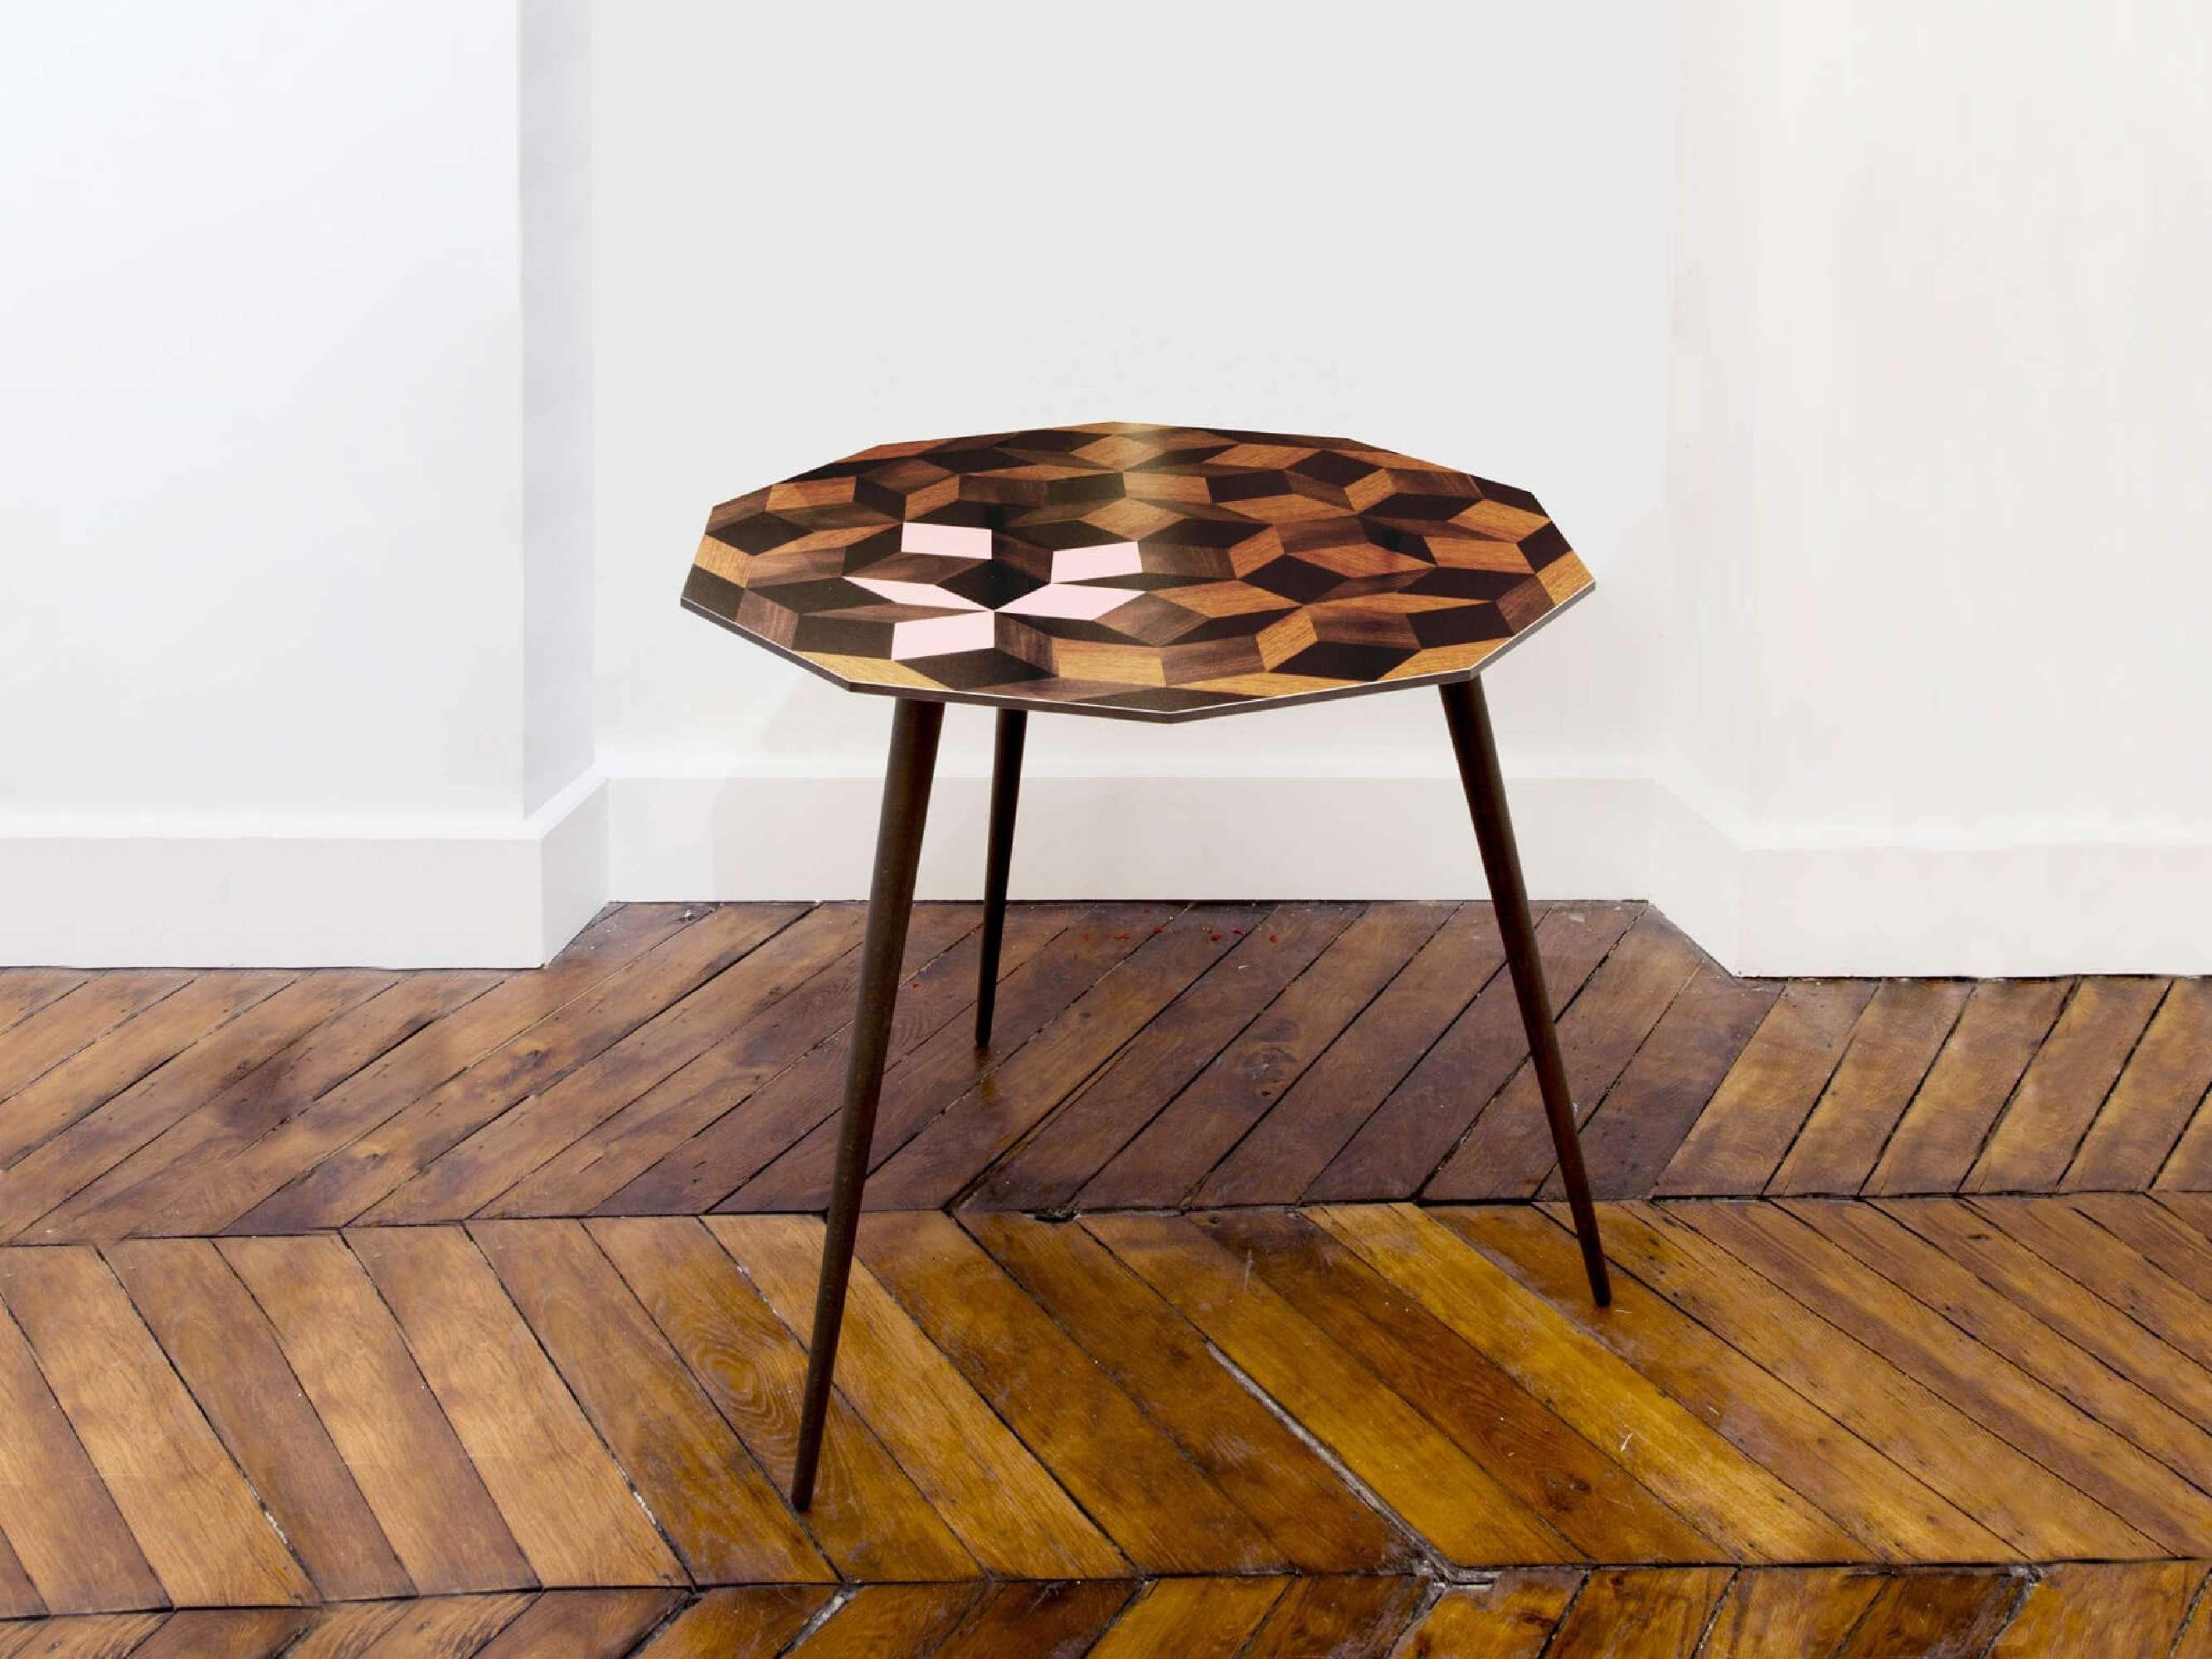 Table à manger Penrose au motif géométrique Spring Wood, marqueterie de bois et rose. Design IchetKar édition Bazartherapy